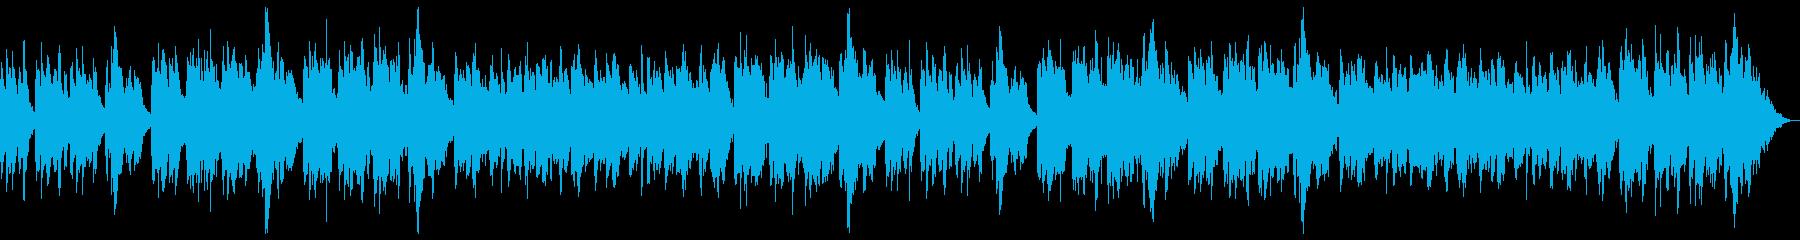 黄昏の森の再生済みの波形